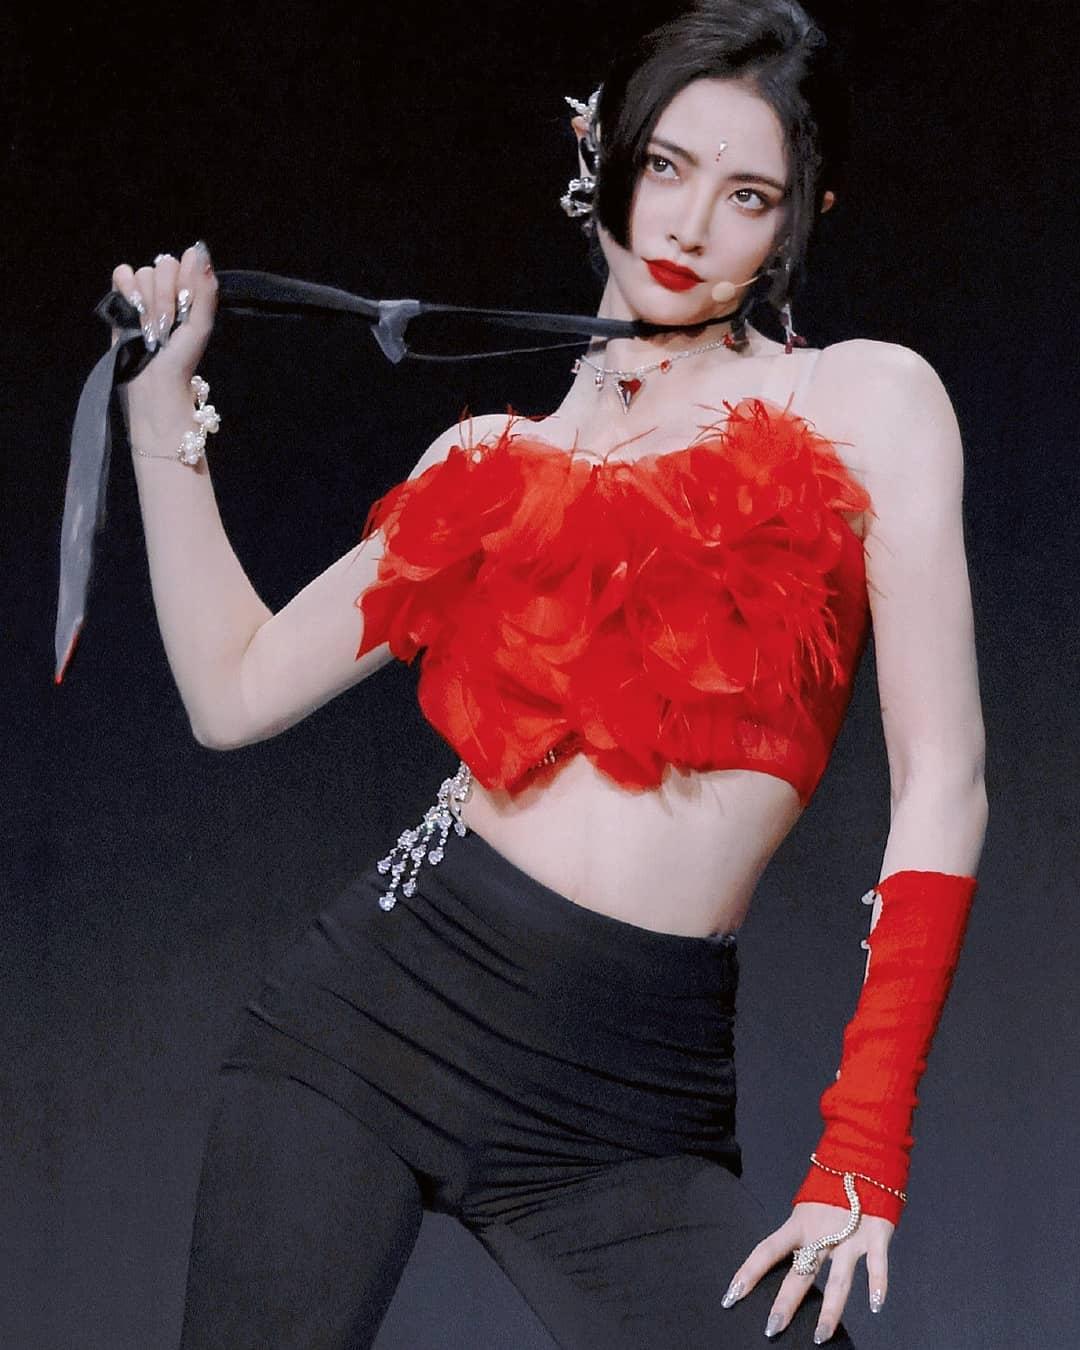 Người đẹp gây sốc viusal mỗi khi xuất hiện cùng những trang phục khoe đặc điểm hình thể quyến rũ.